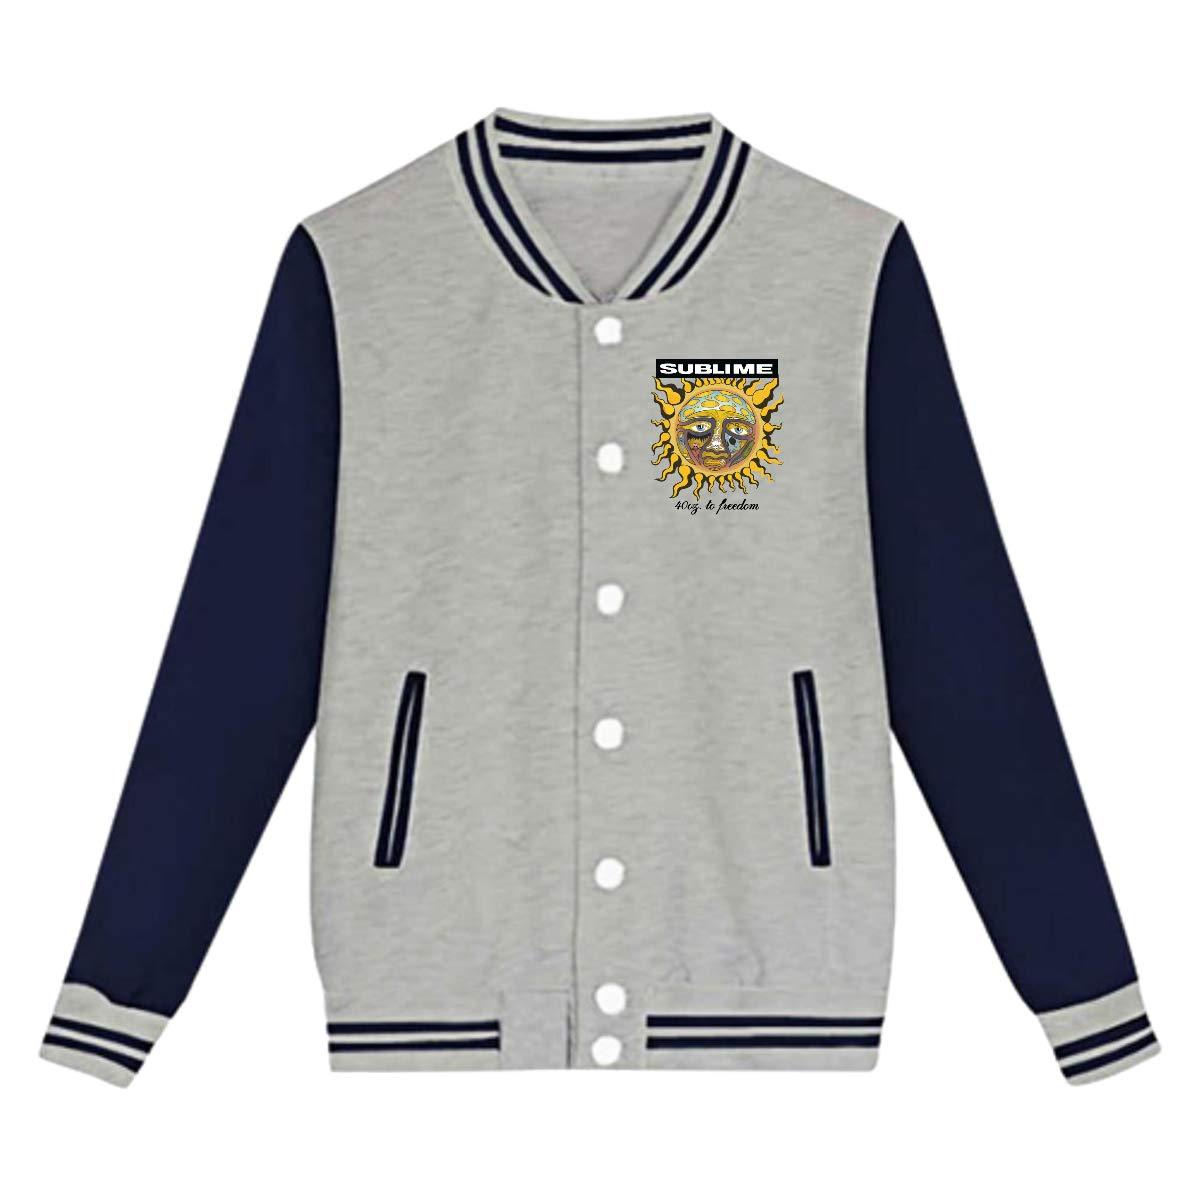 LIALUER Sublime 40oz to Freedom Youth Baseball Jacket Uniform V Sweater Coat